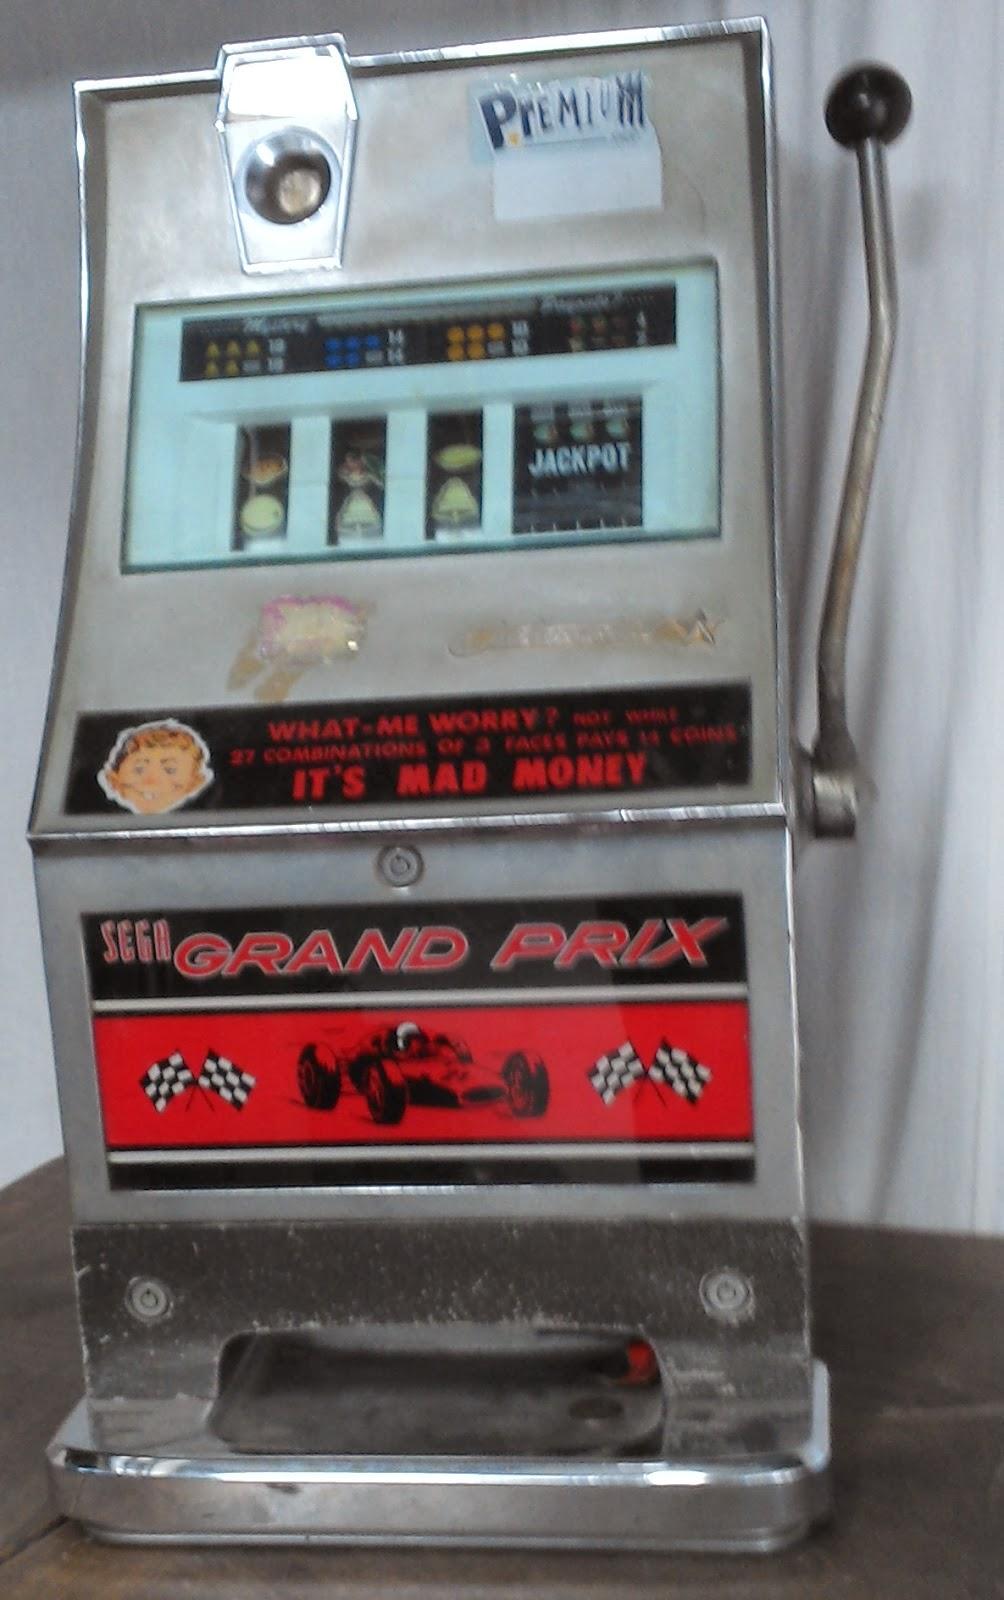 ancienne machine a sous dite bandit manchot jackpot de casino jeux de. Black Bedroom Furniture Sets. Home Design Ideas